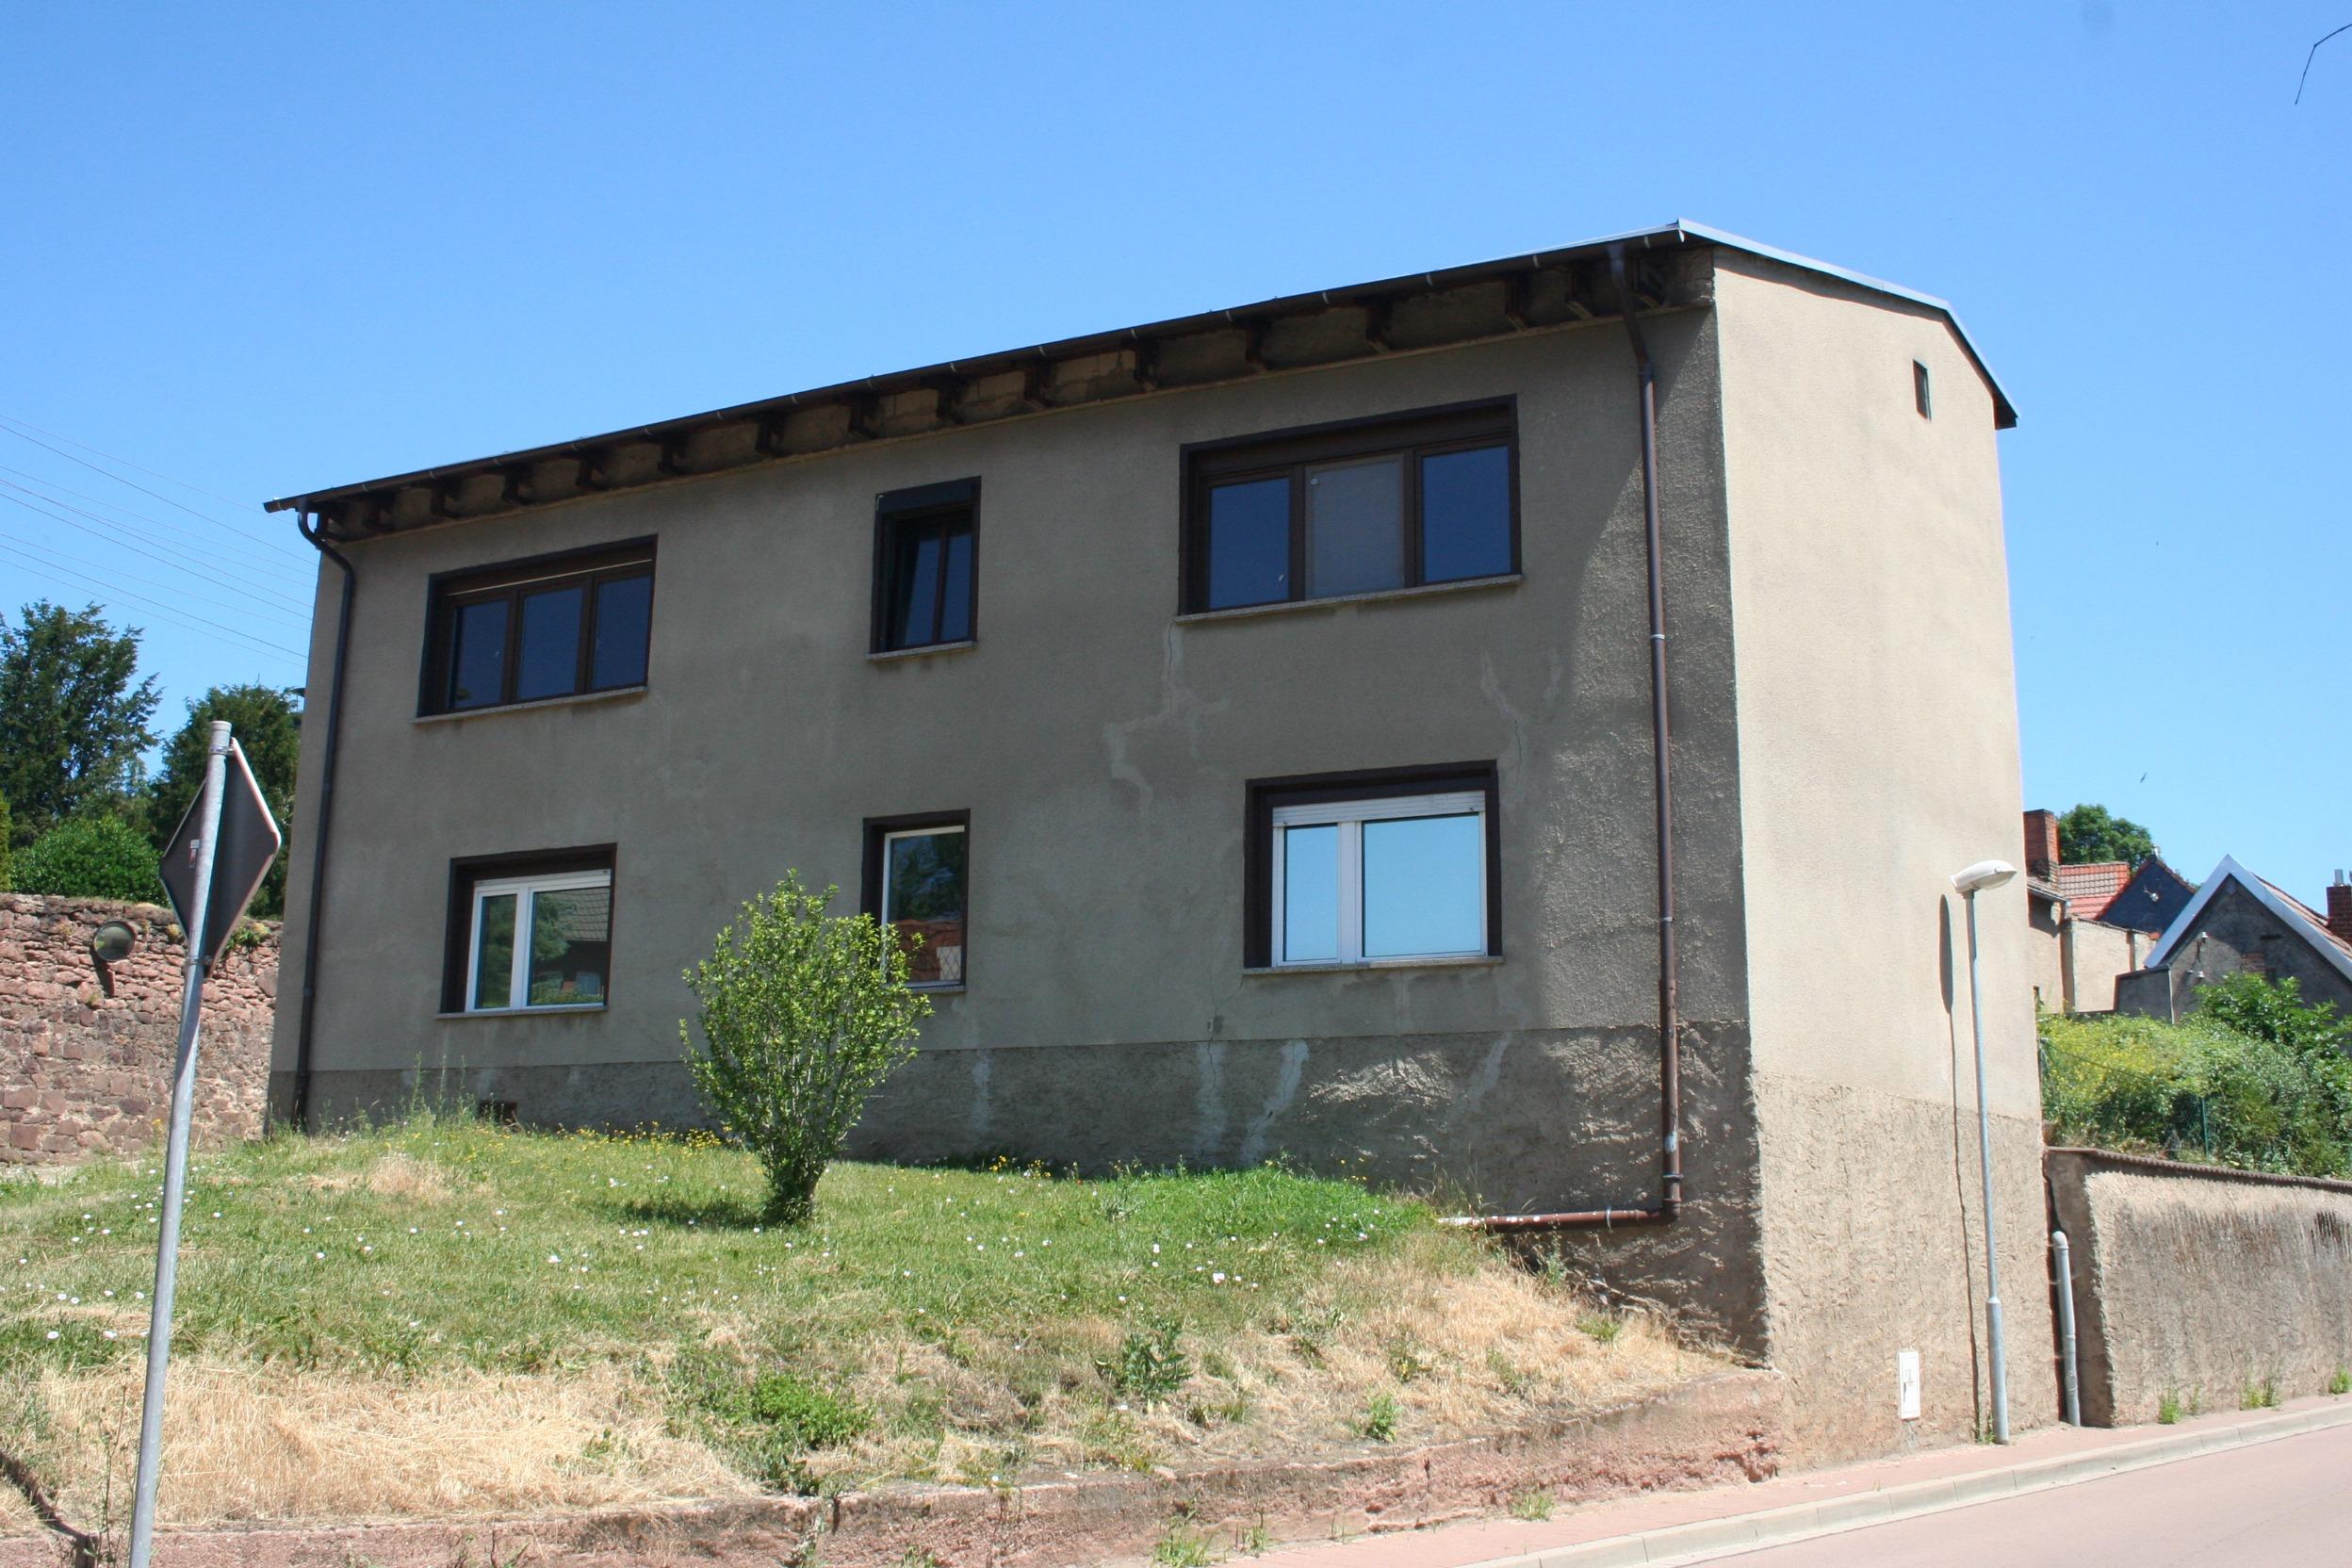 Einfamilienhaus Krosigk - Straßenansicht